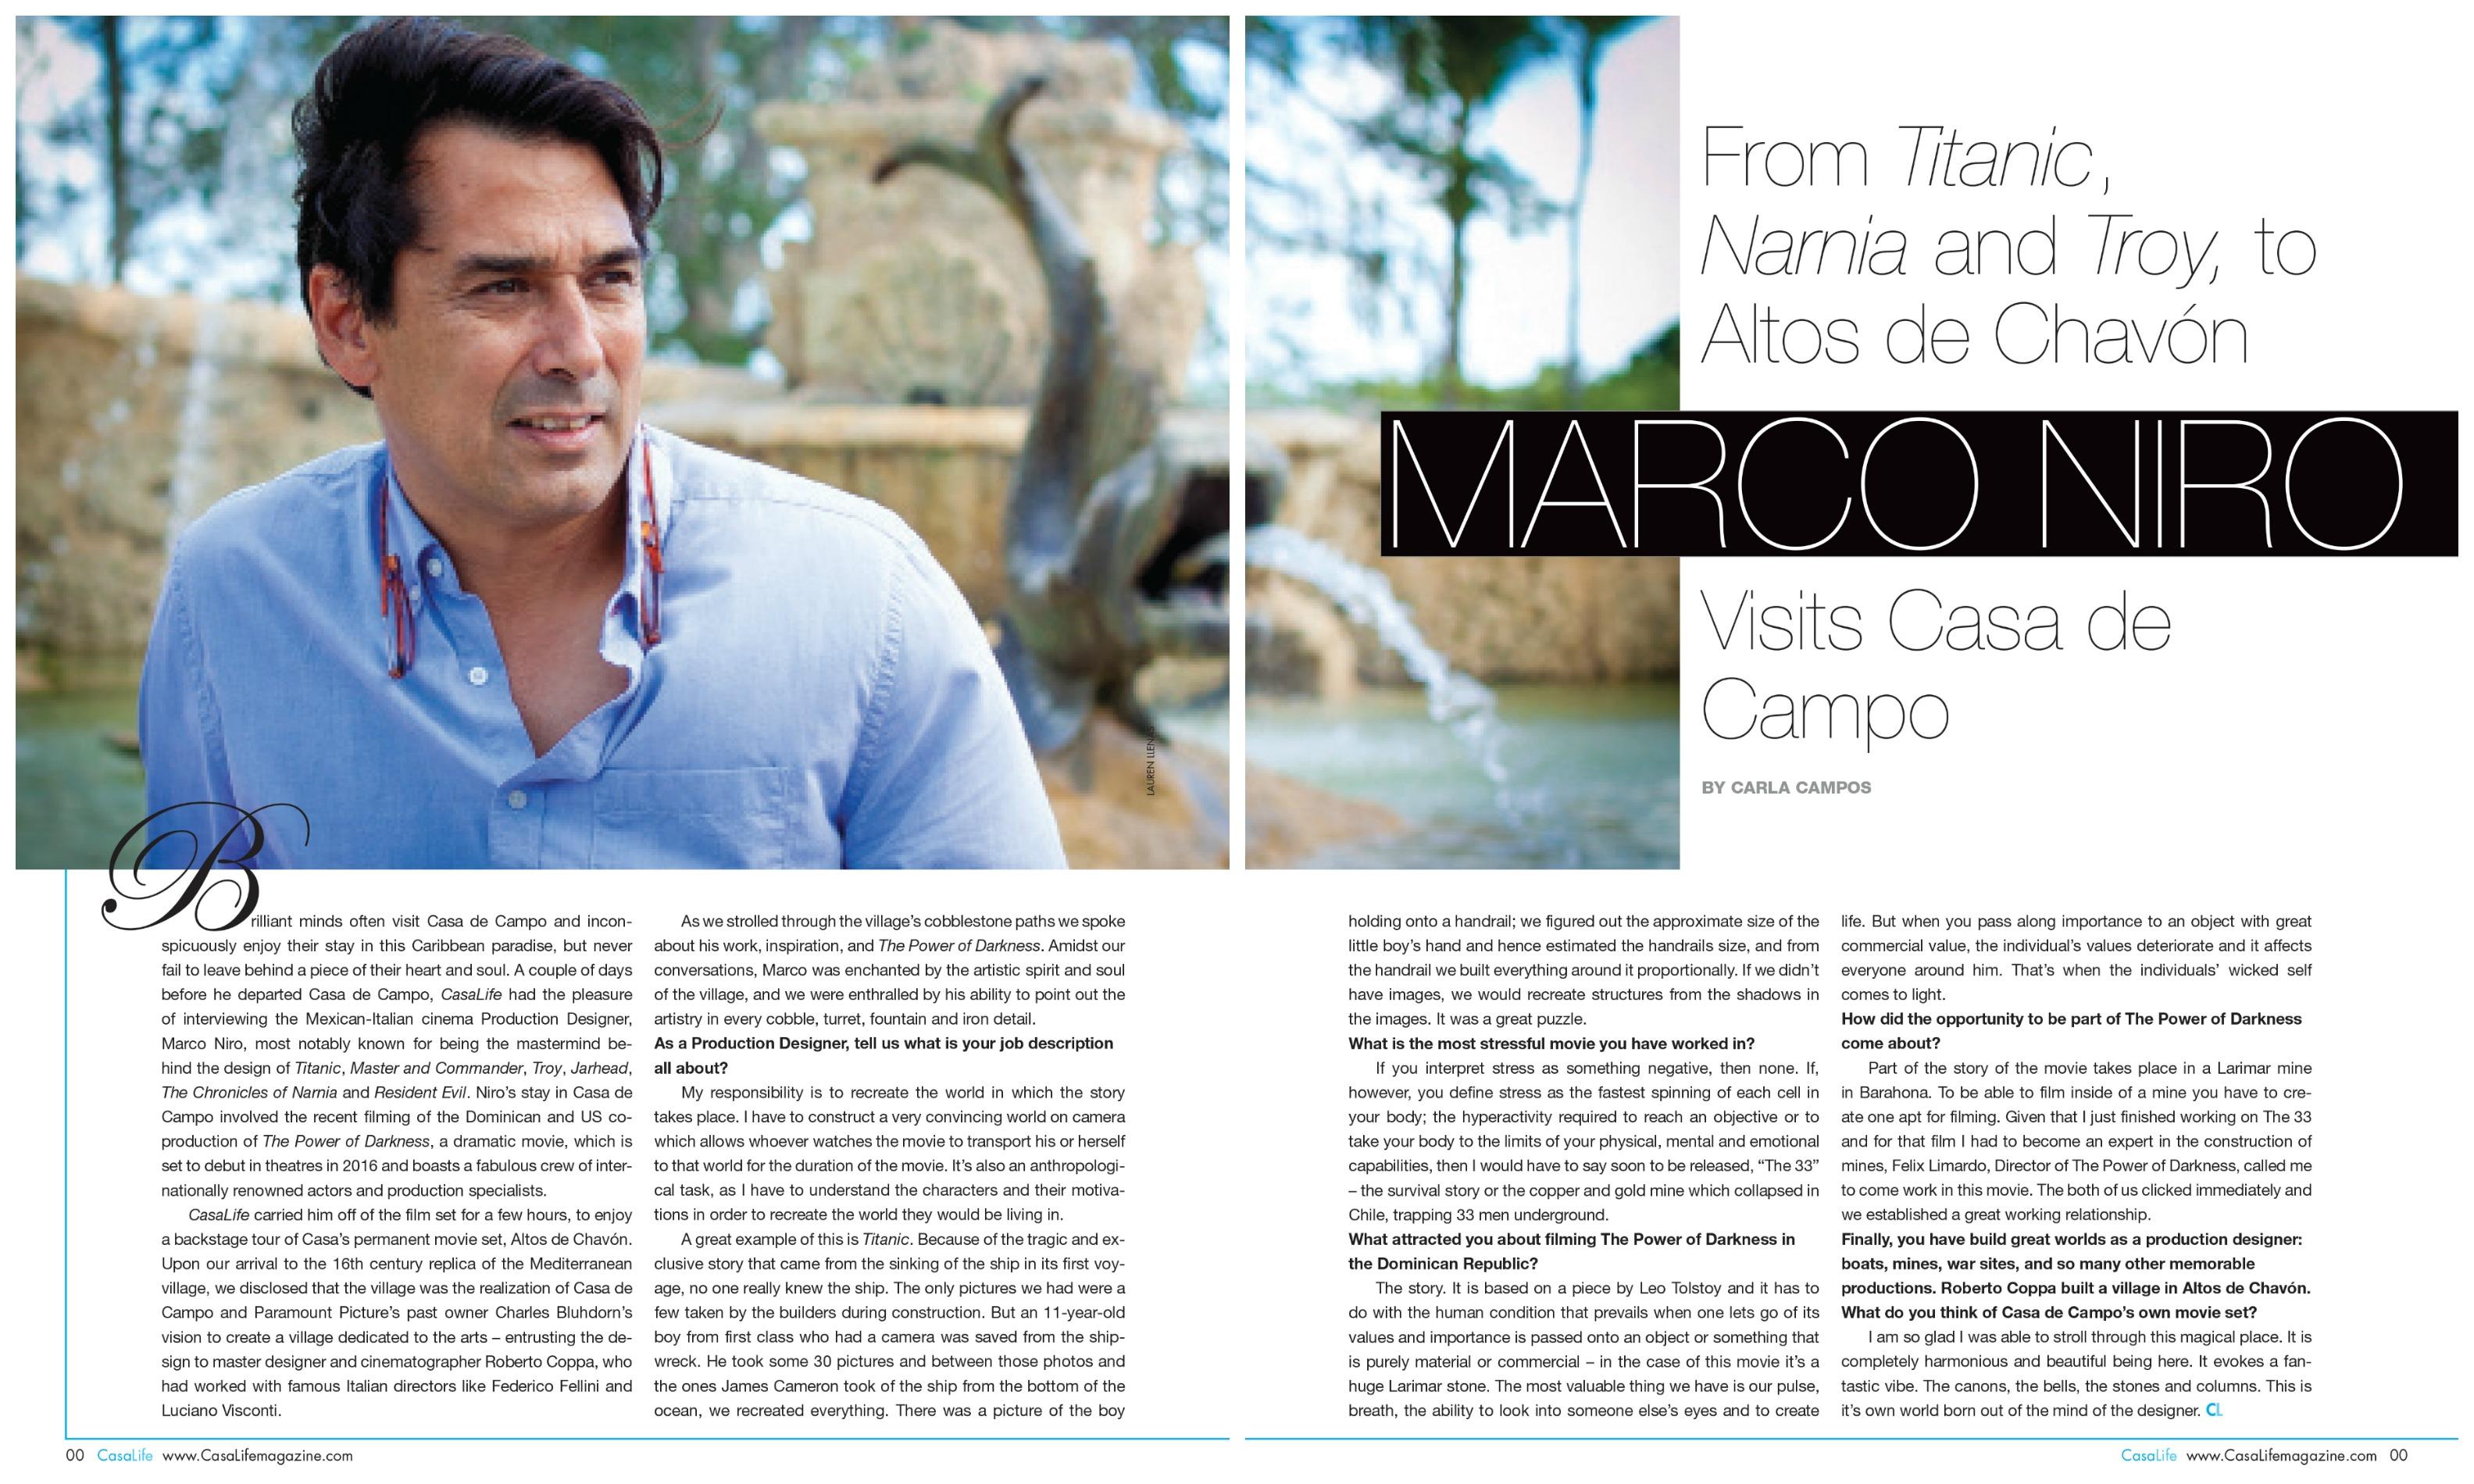 Marco Niro spread